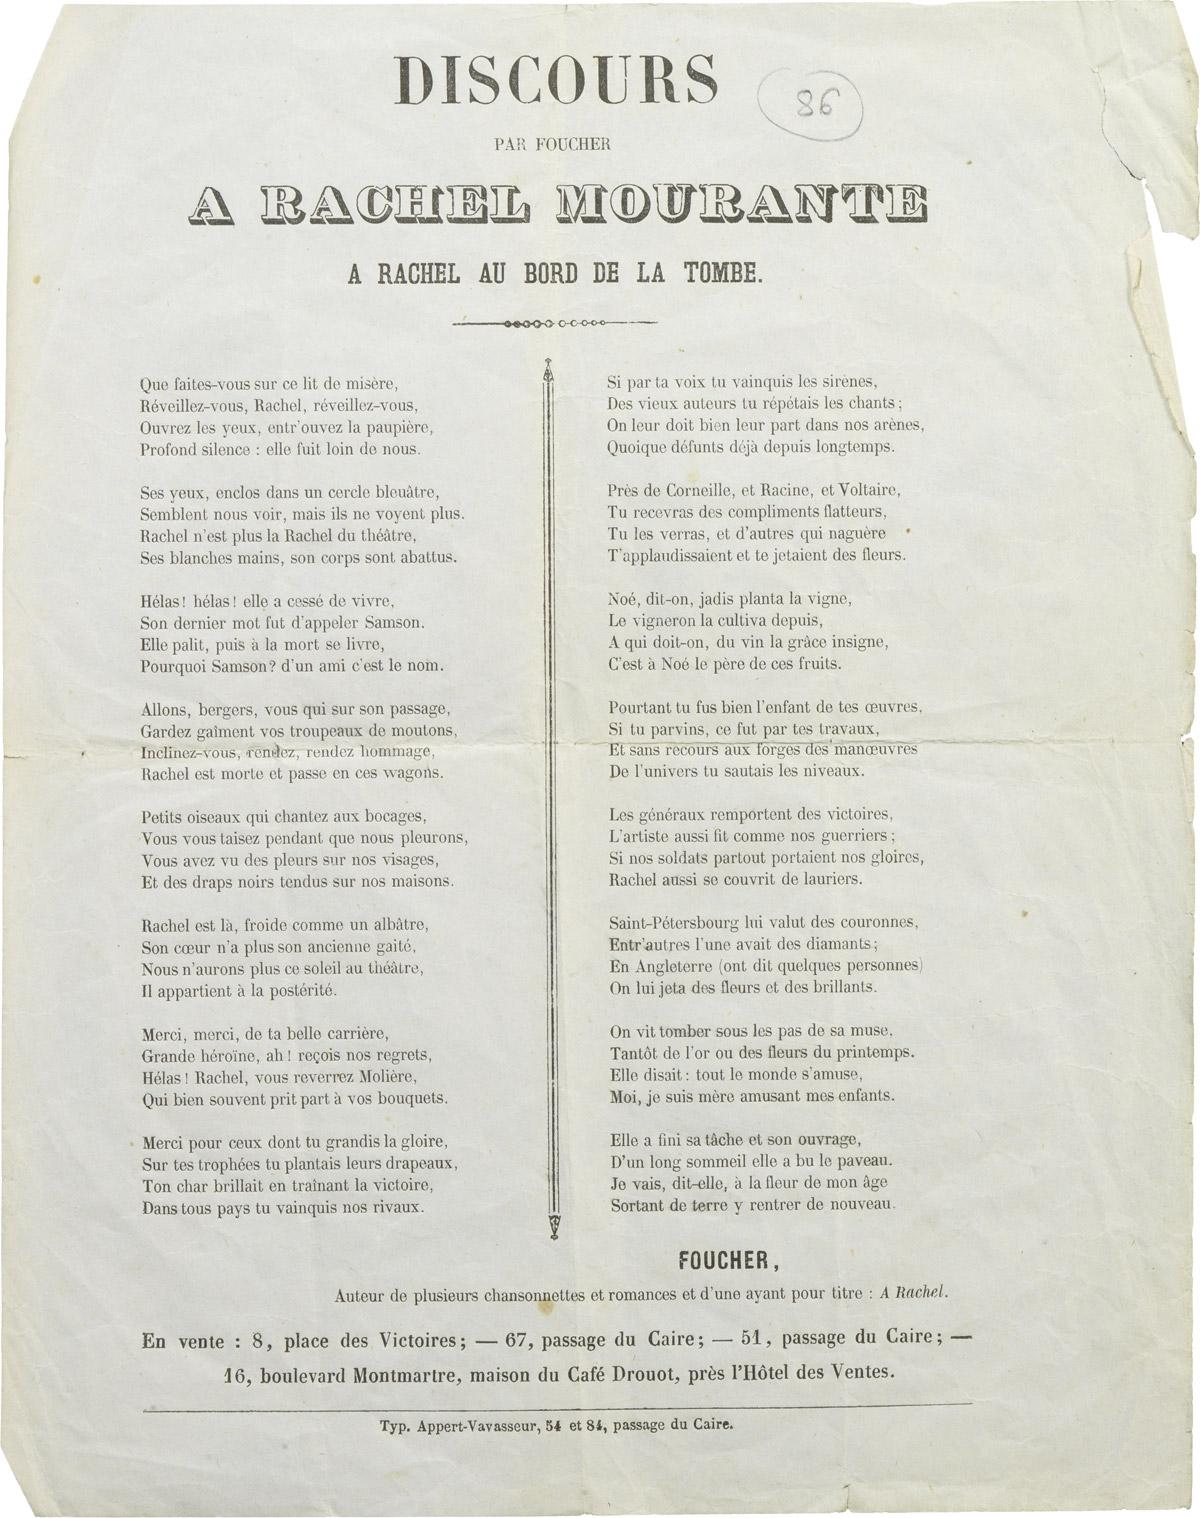 """""""A Rachel mourante"""" : Discours par Foucher - Patrimoine Charles-André COLONNA WALEWSKI, en ligne directe de Napoléon"""